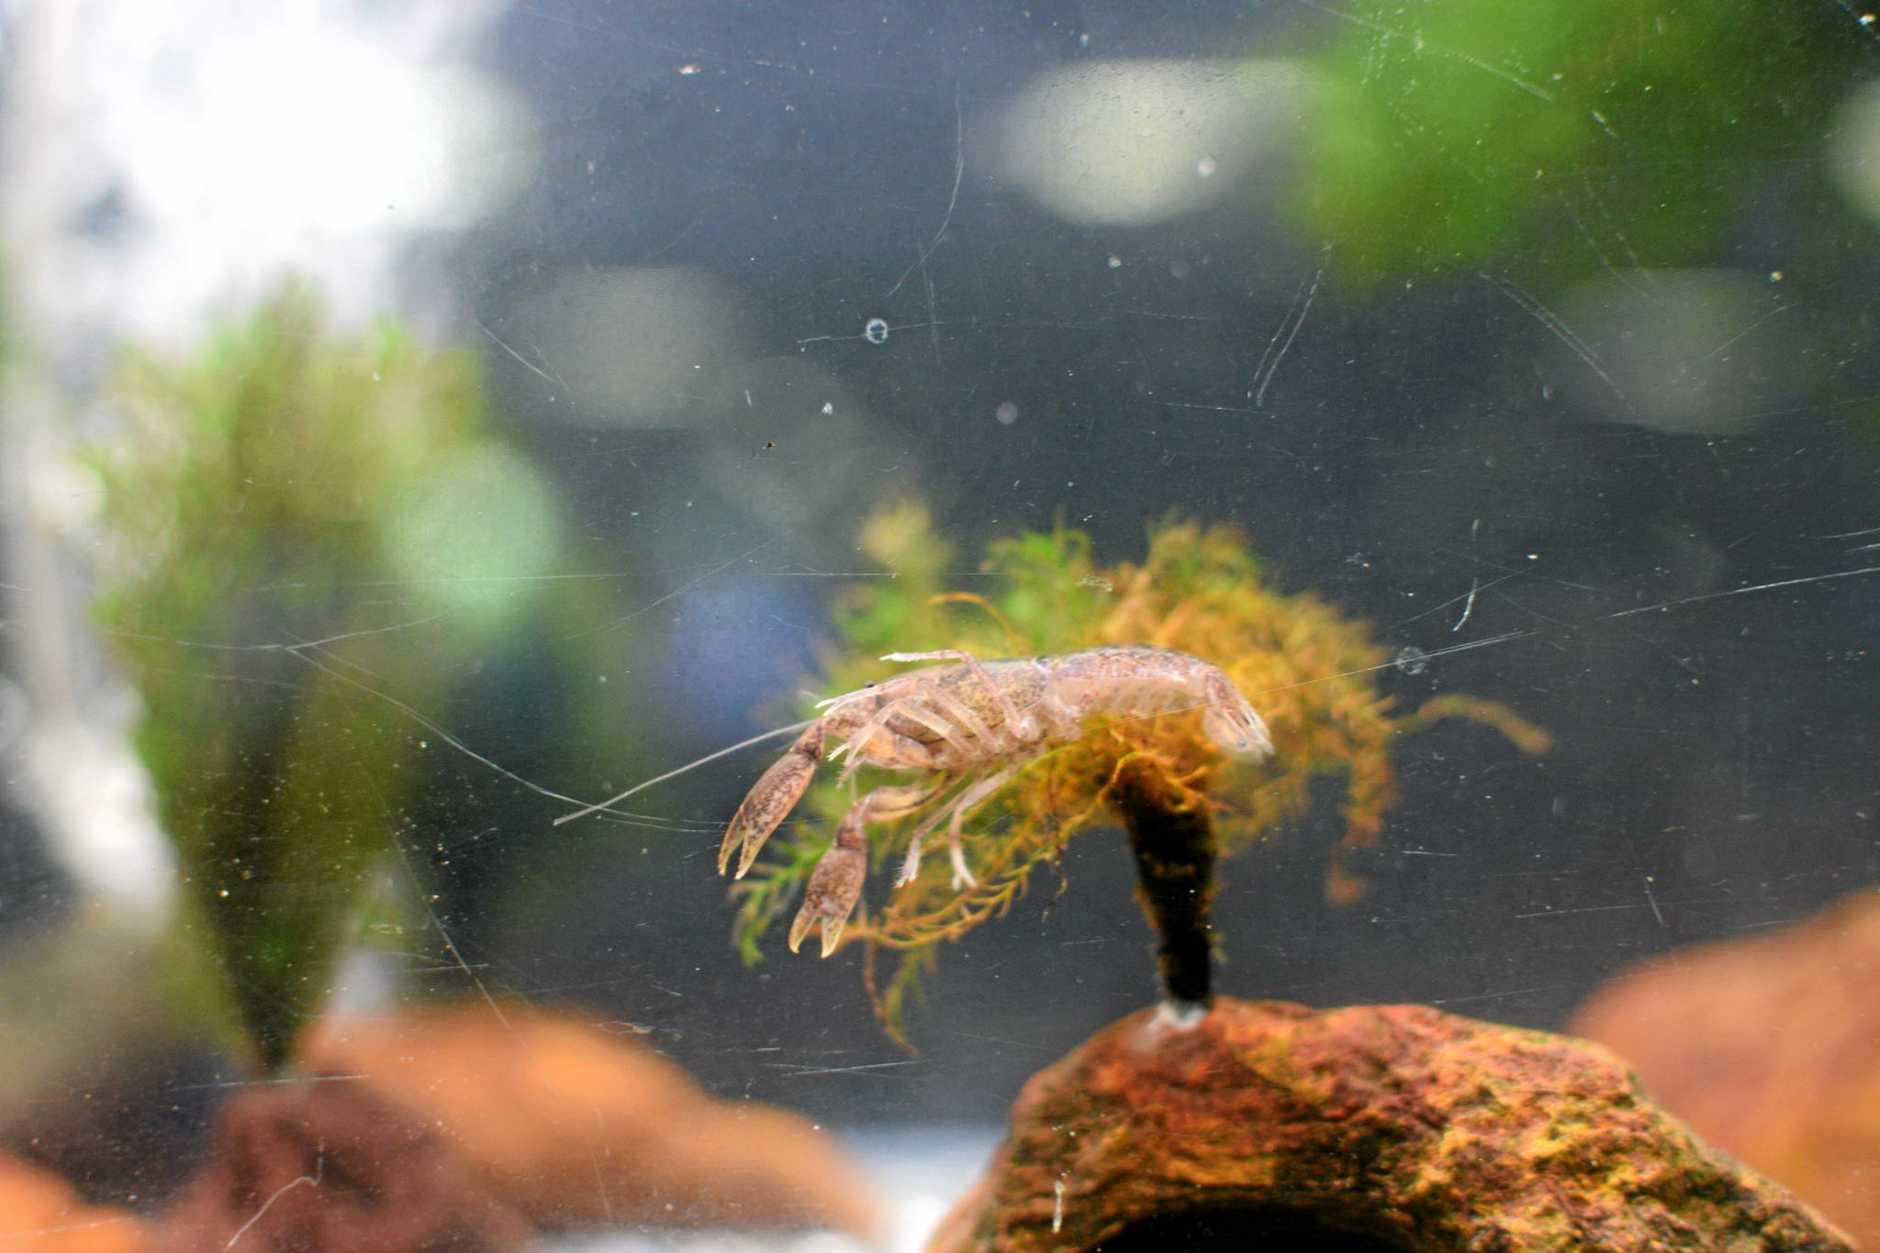 Swamp crayfish, which was found near Noosa. Photo Chris Van Wyk